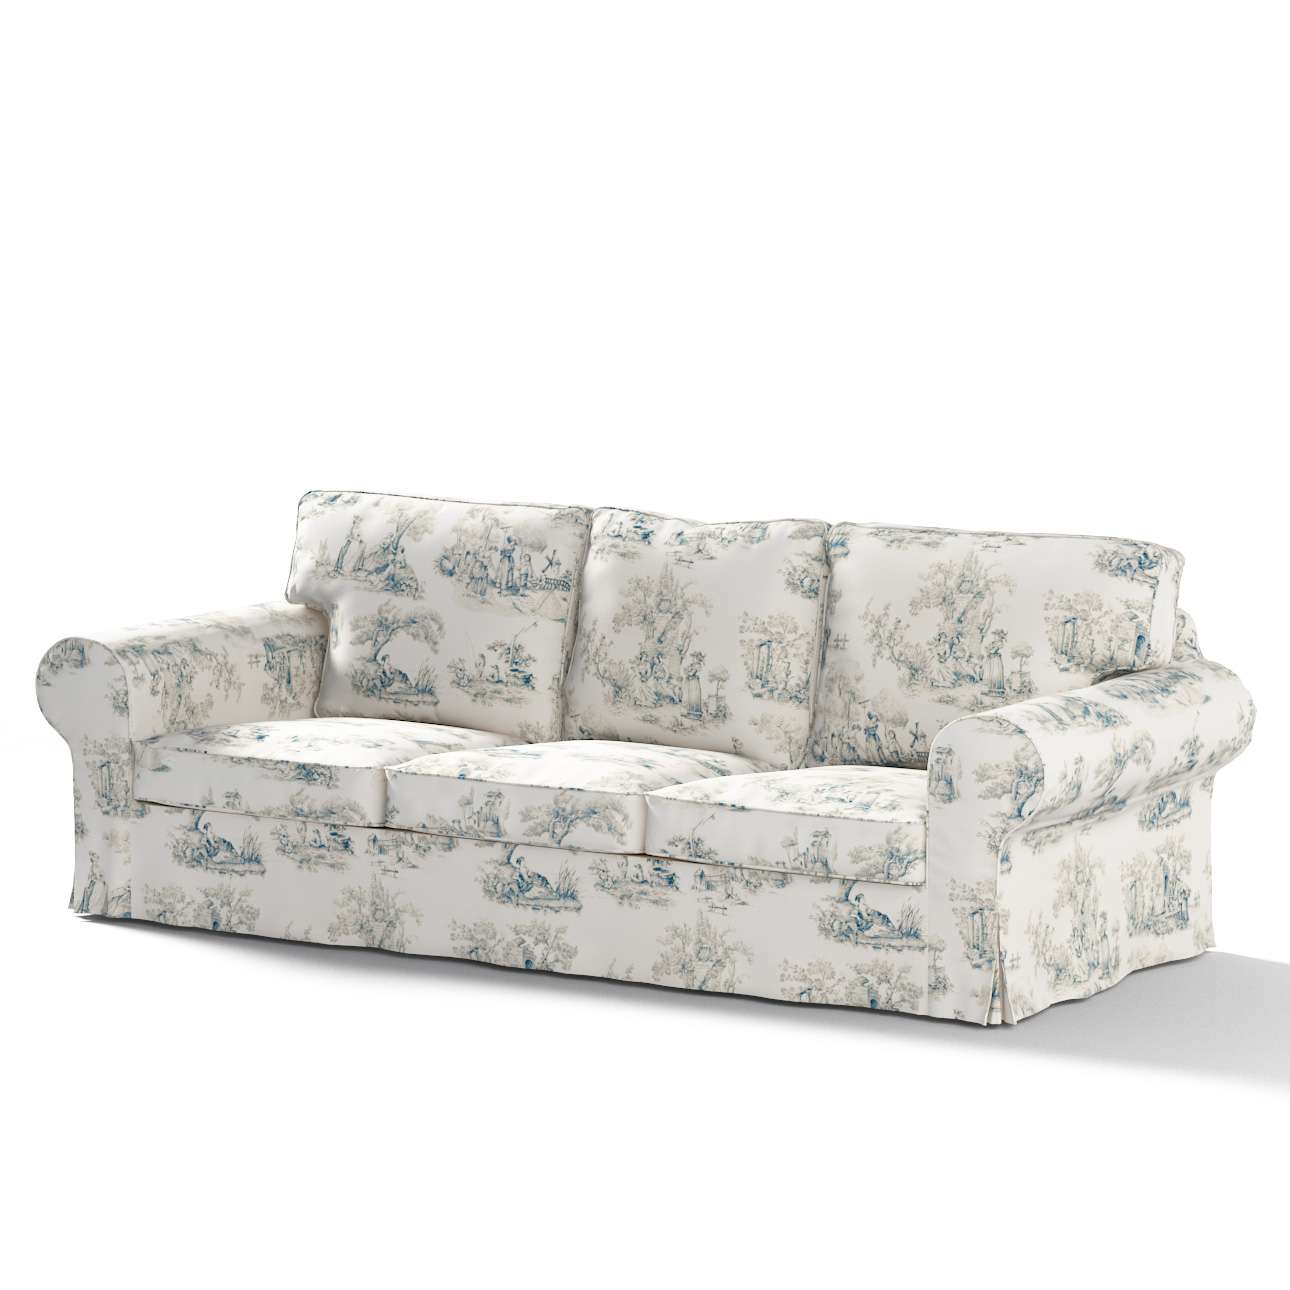 Pokrowiec na sofę Ektorp 3-osobową, rozkładaną STARY MODEL Sofa Ektorp 3-osobowa rozkładana w kolekcji Avinon, tkanina: 132-66